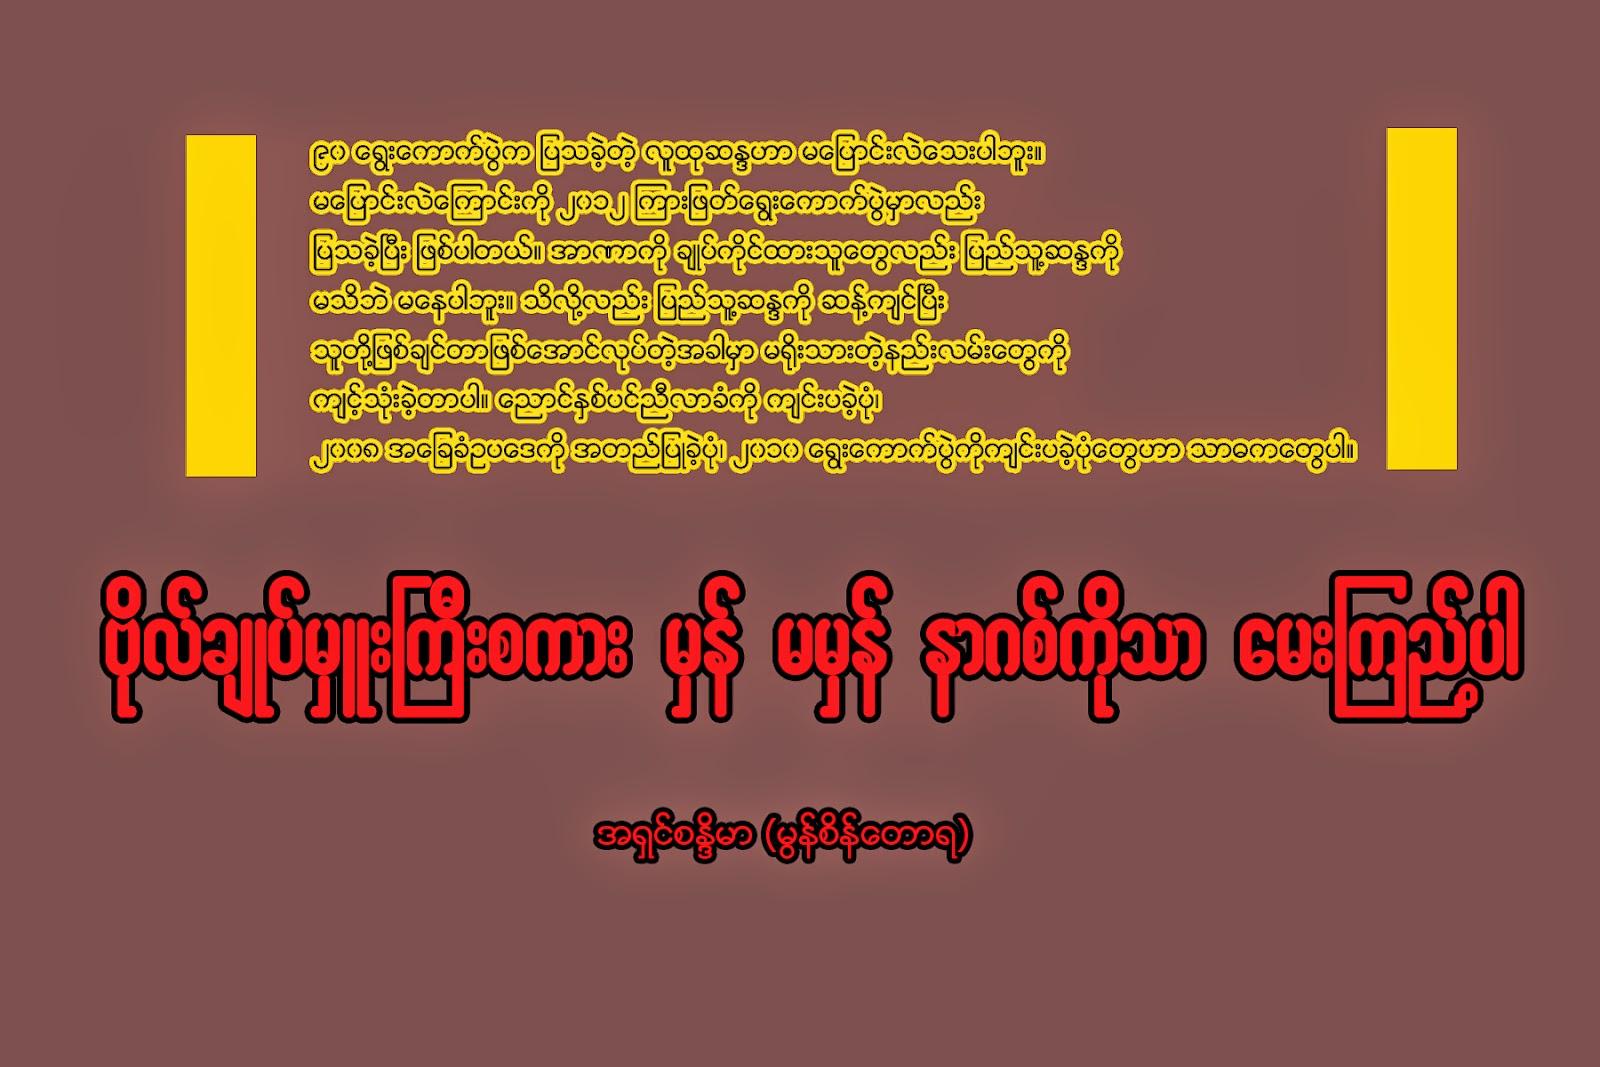 အရွင္စႏၵိမာ (မြန္စိန္ေတာရ) – ဗုုိလ္ခ်ဳပ္မွဴးႀကီးစကား မွန္/မမွန္ နာဂစ္ကုုိသာ ေမးၾကည့္ပါ